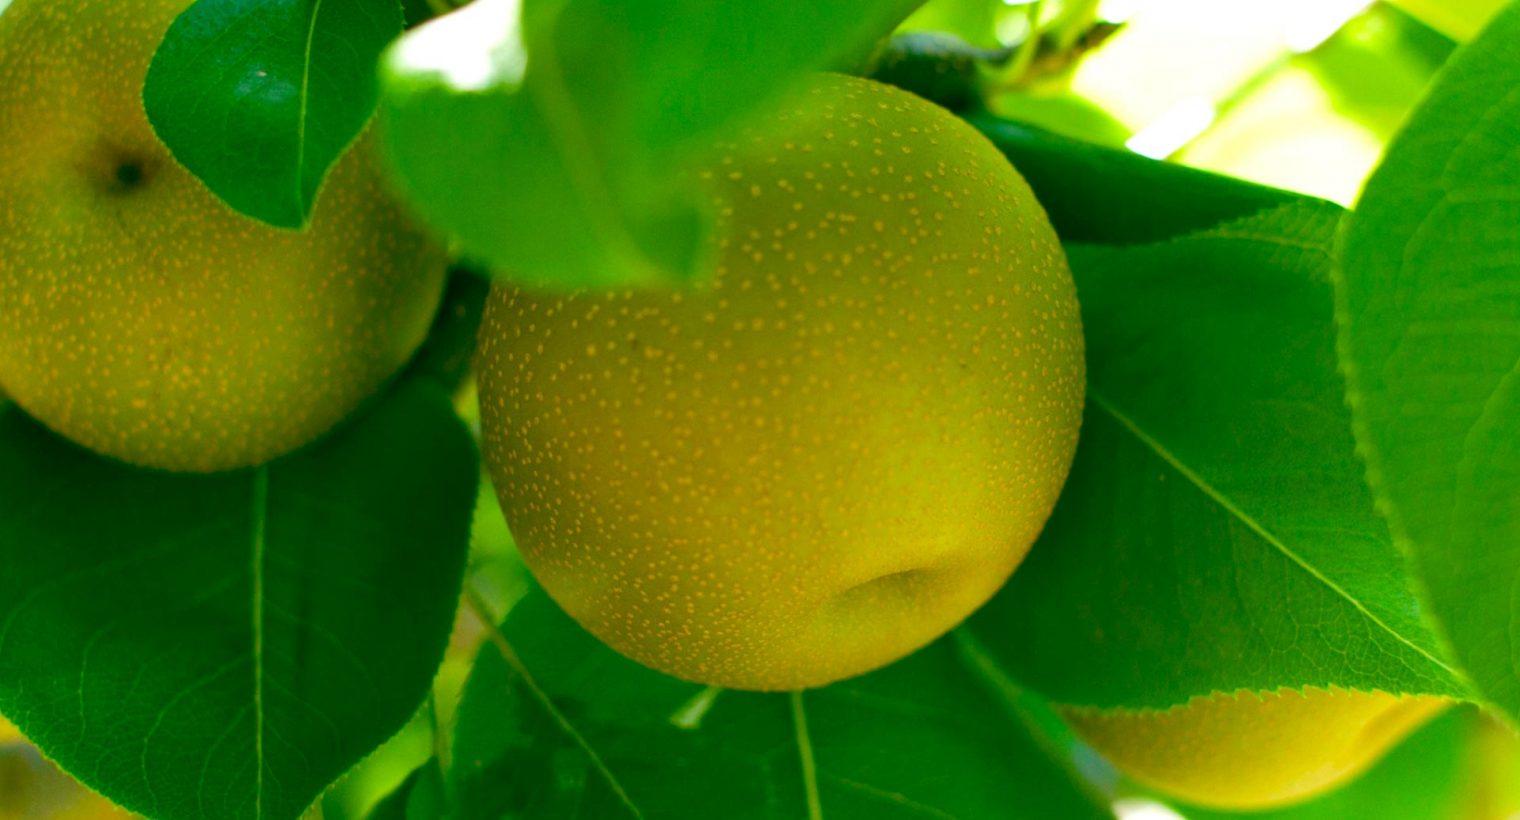 Oro Agri Pome Meyve Uygulama Kılavuzu